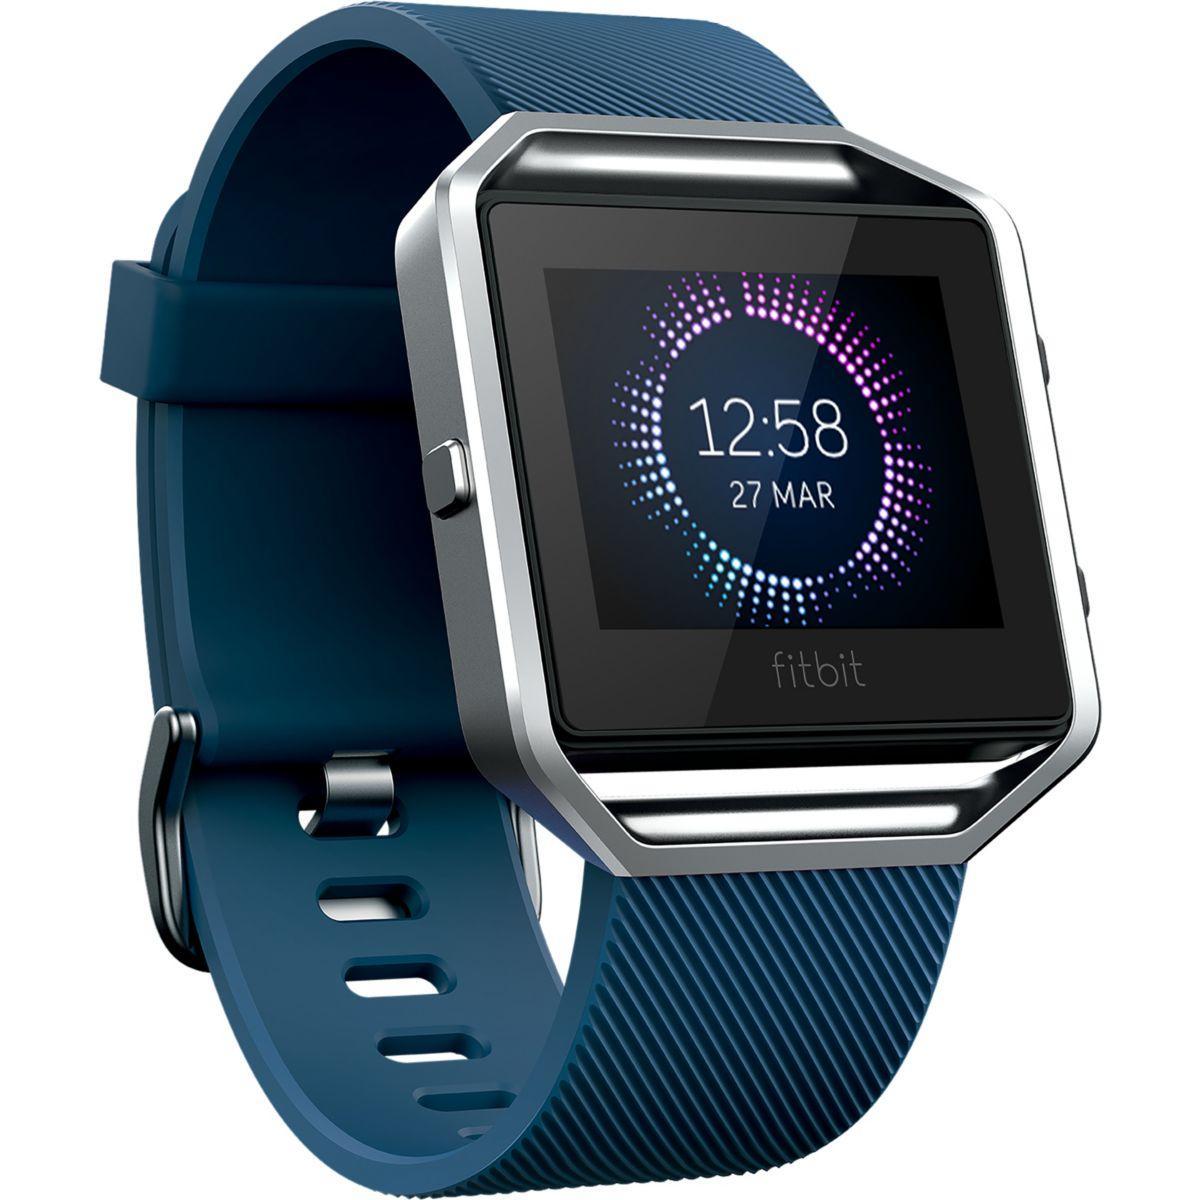 Accessoire fitbit bra.clas blaze blue l - 10% de remise immédiate avec le code : top10 (photo)